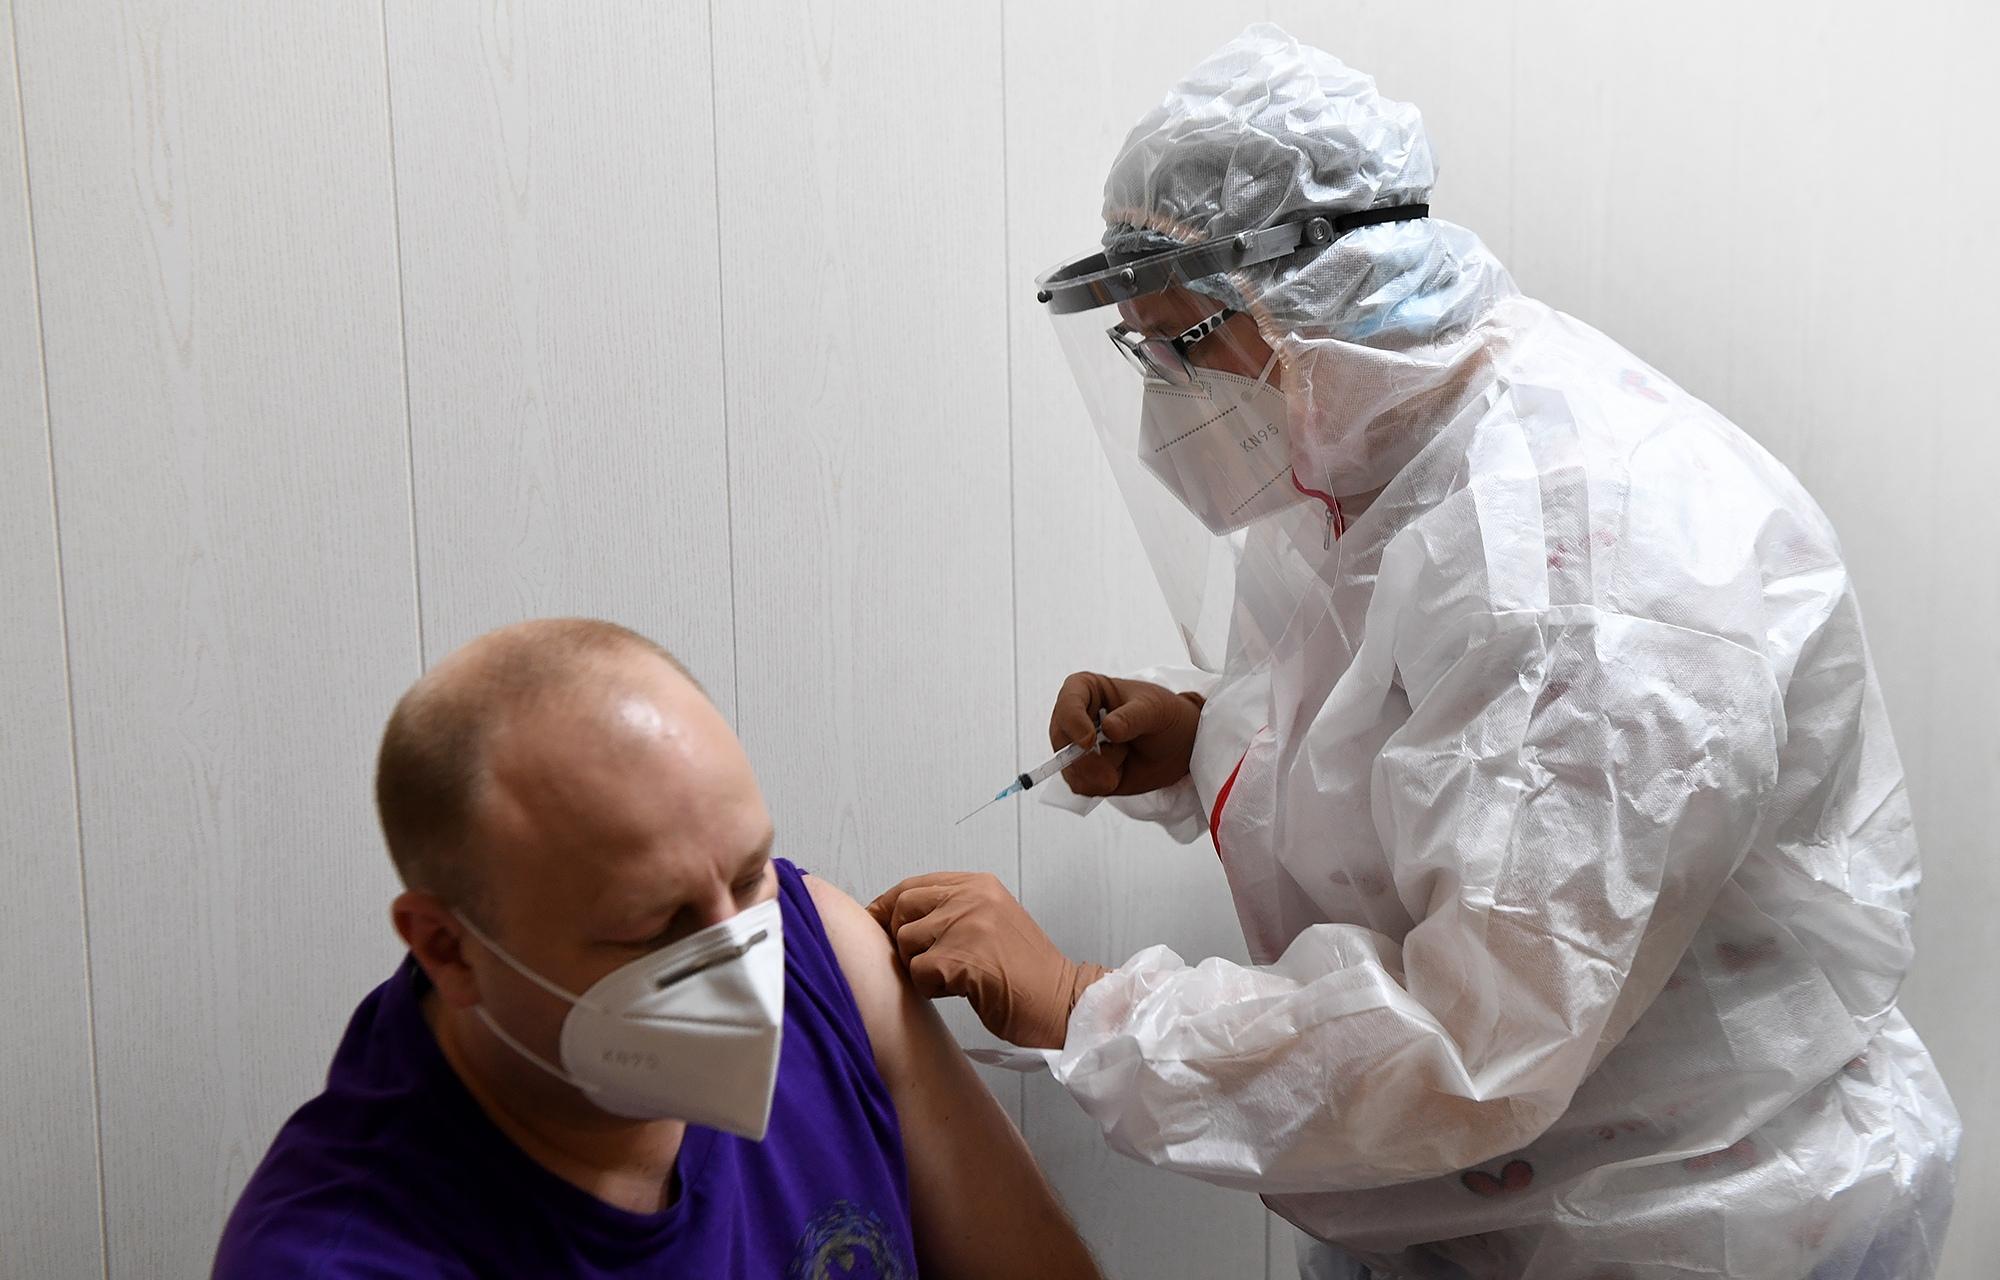 Для бесплатной вакцинации жителей Тверской области от коронавируса в регион поступило 700 доз вакцины Спутник V